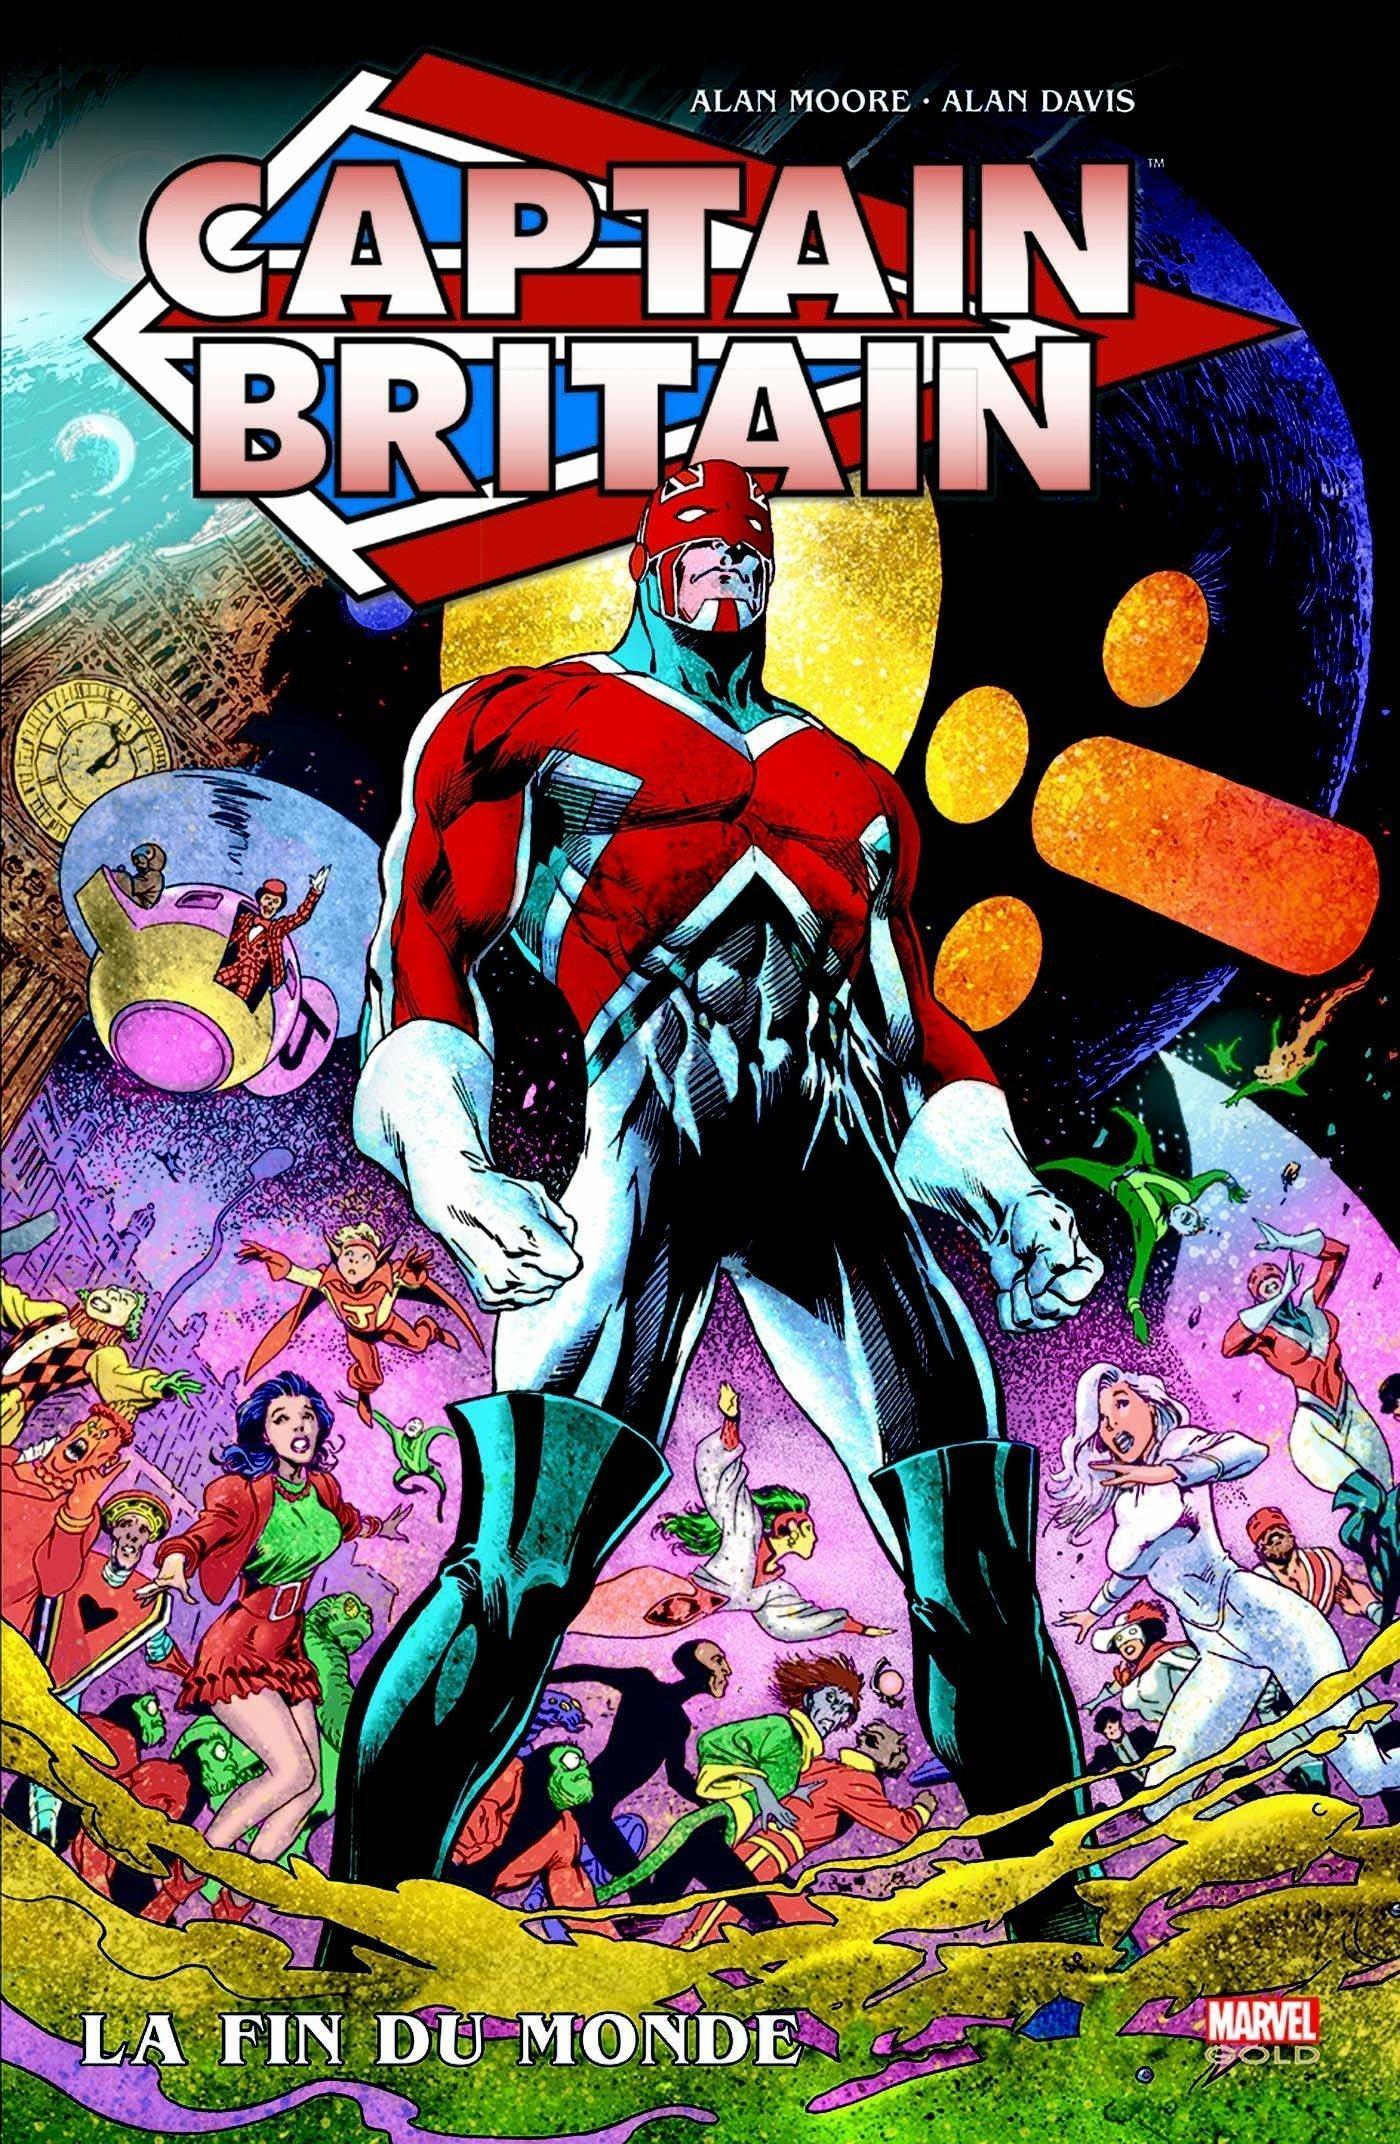 Couverture du comic Marvel, Captain Britain par Alan Davis et Alan Moore